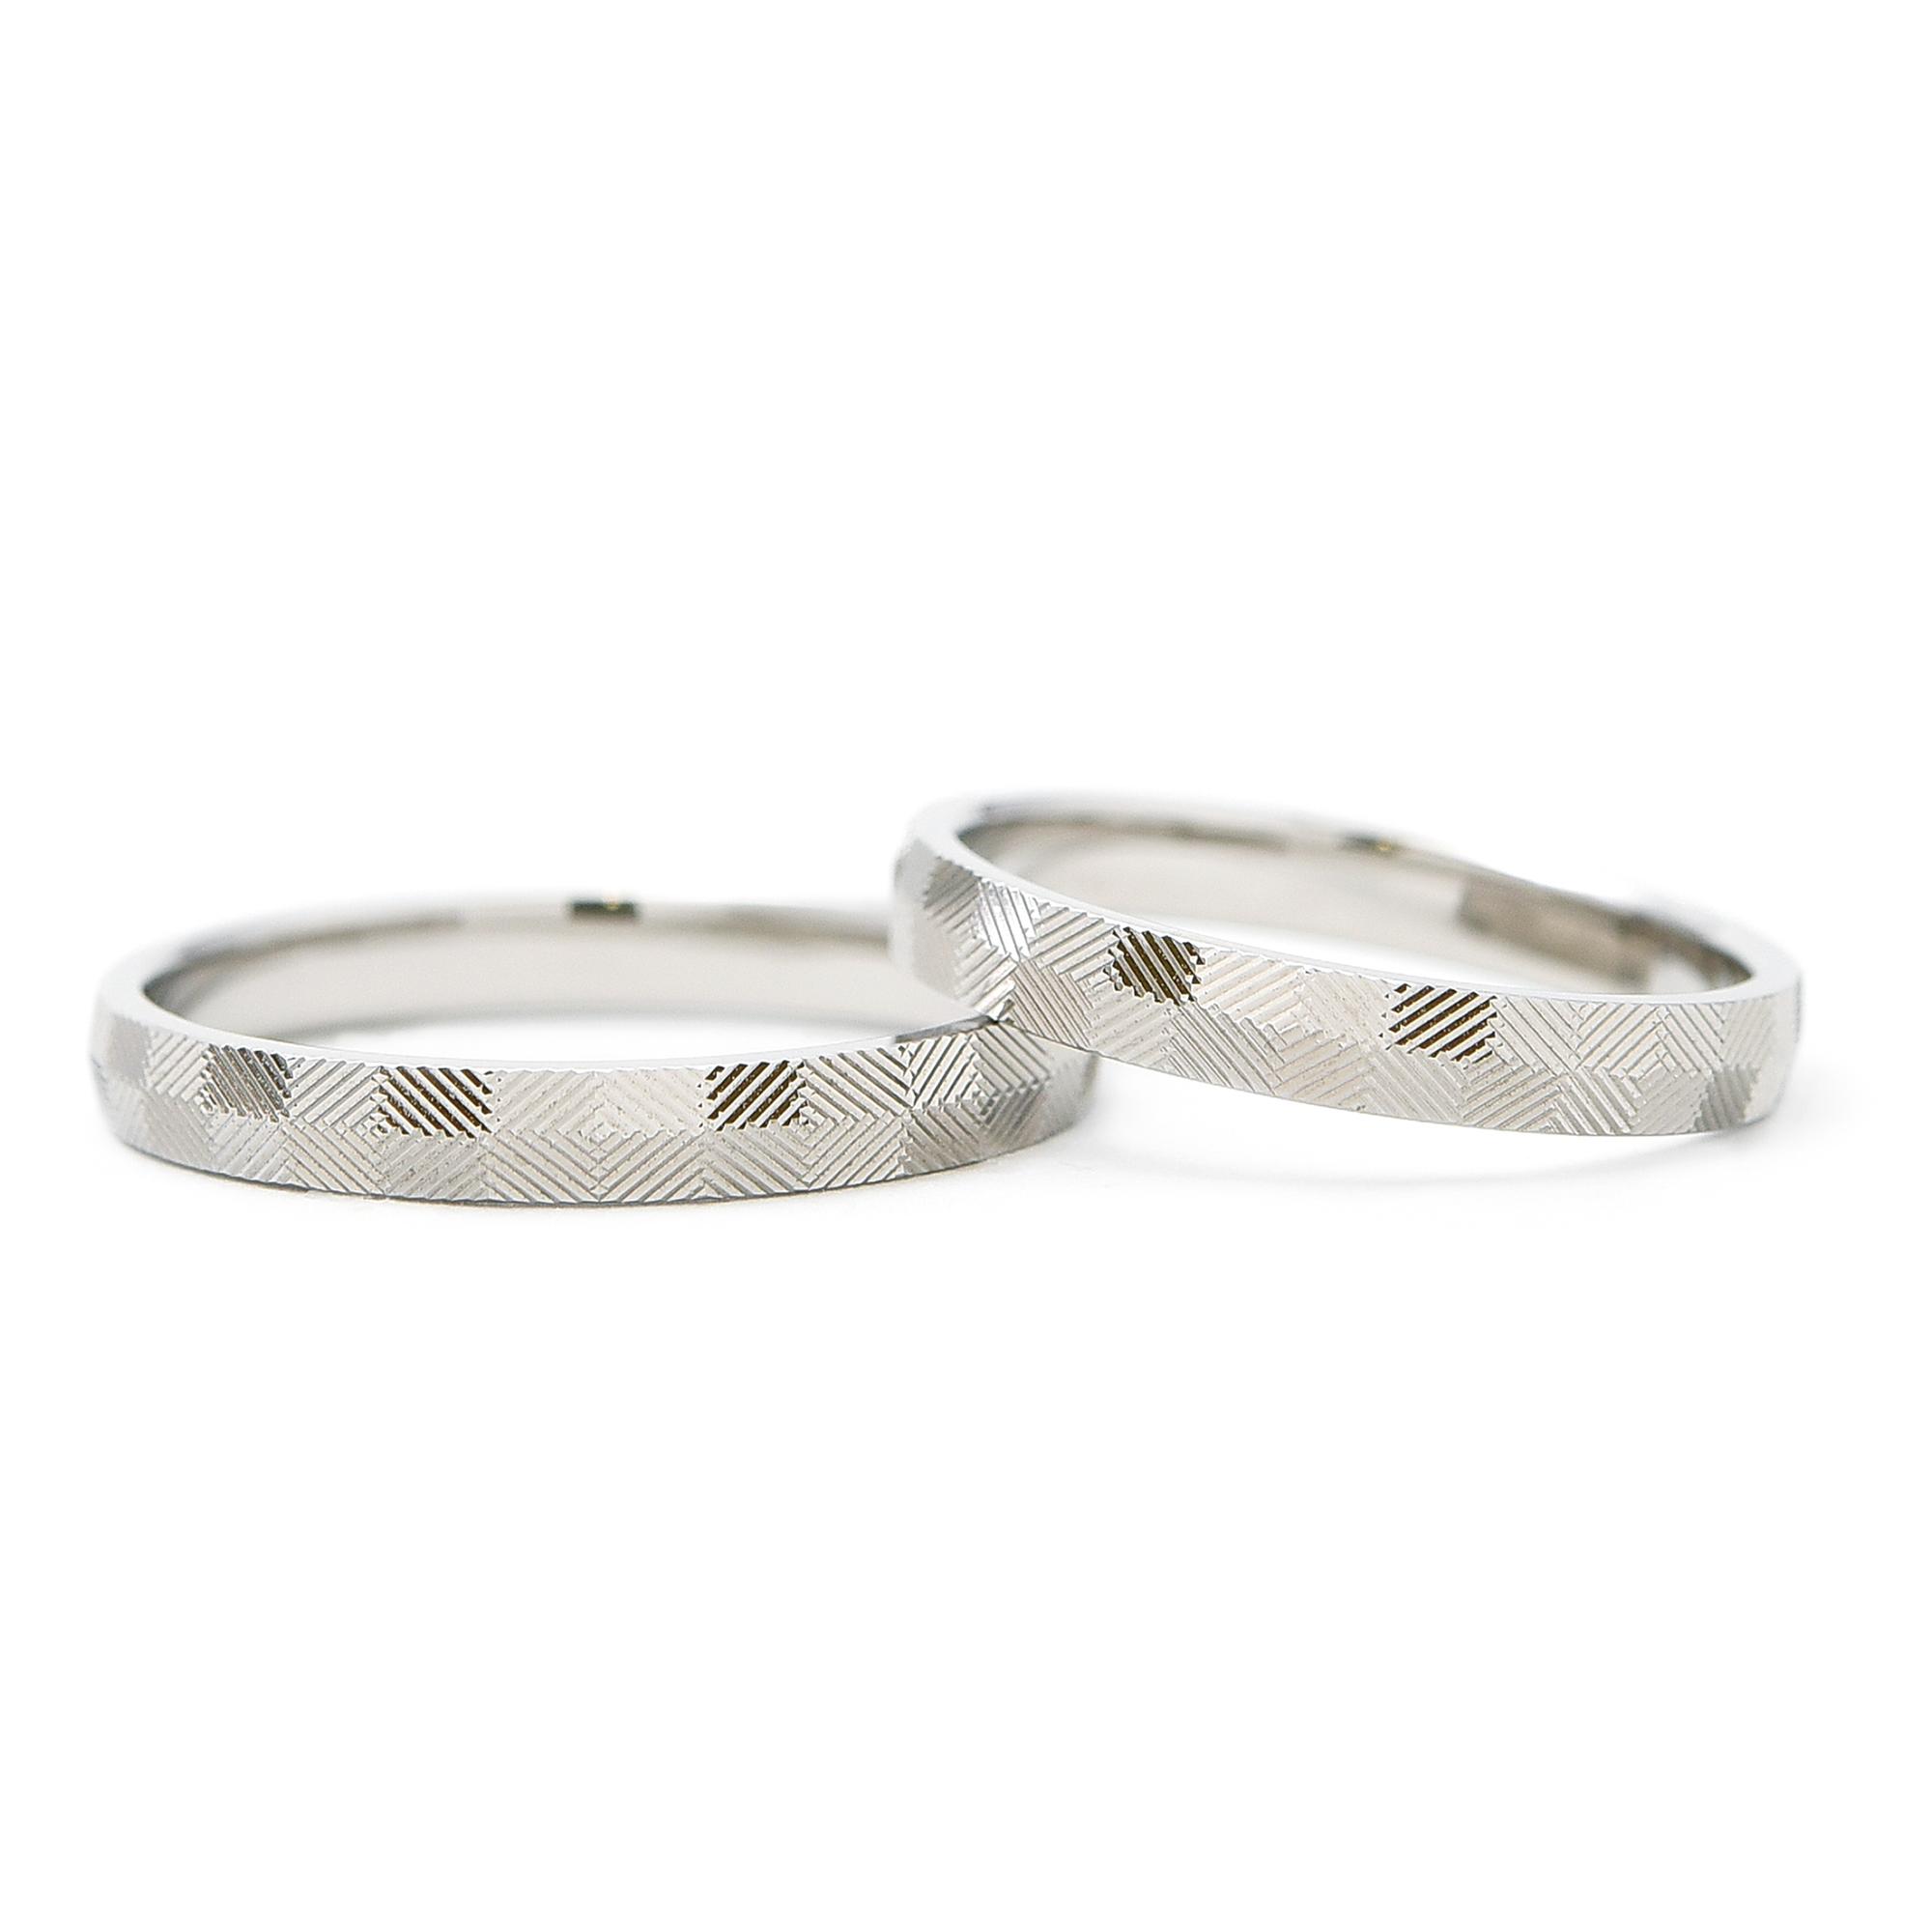 輪高崎工房の結婚指輪|TJ-24